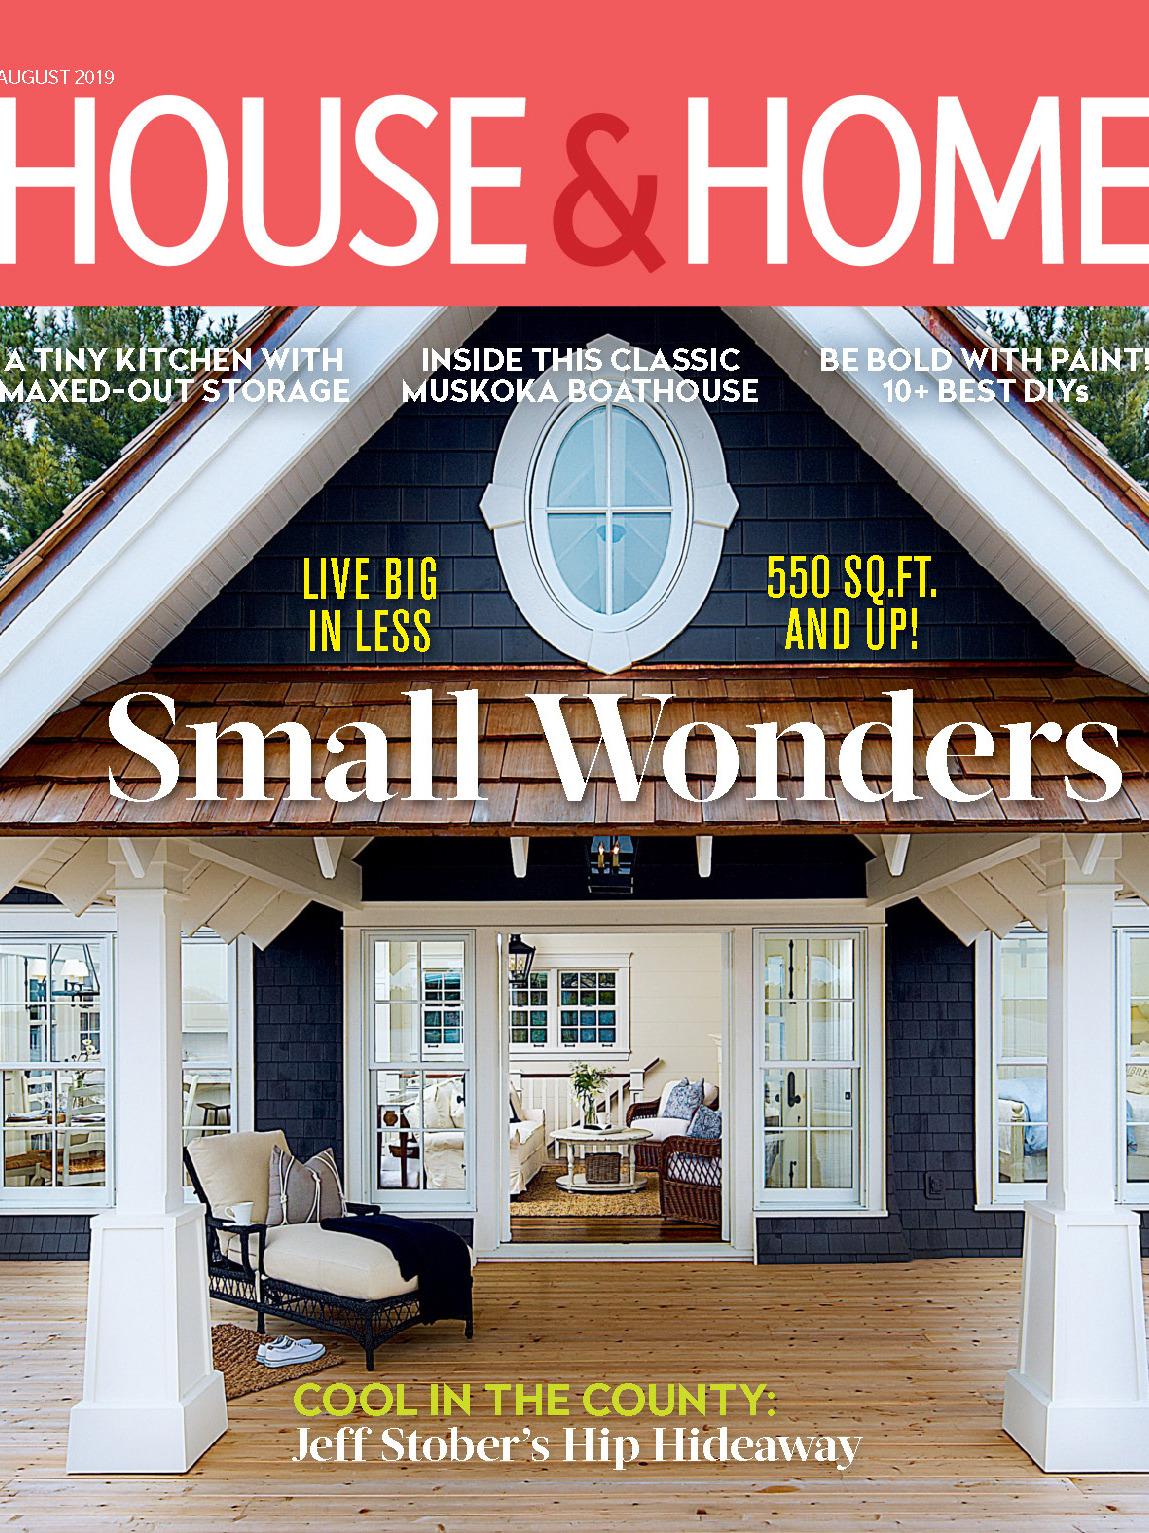 《House & Home》加拿大版时尚家居设计杂志2019年08月号